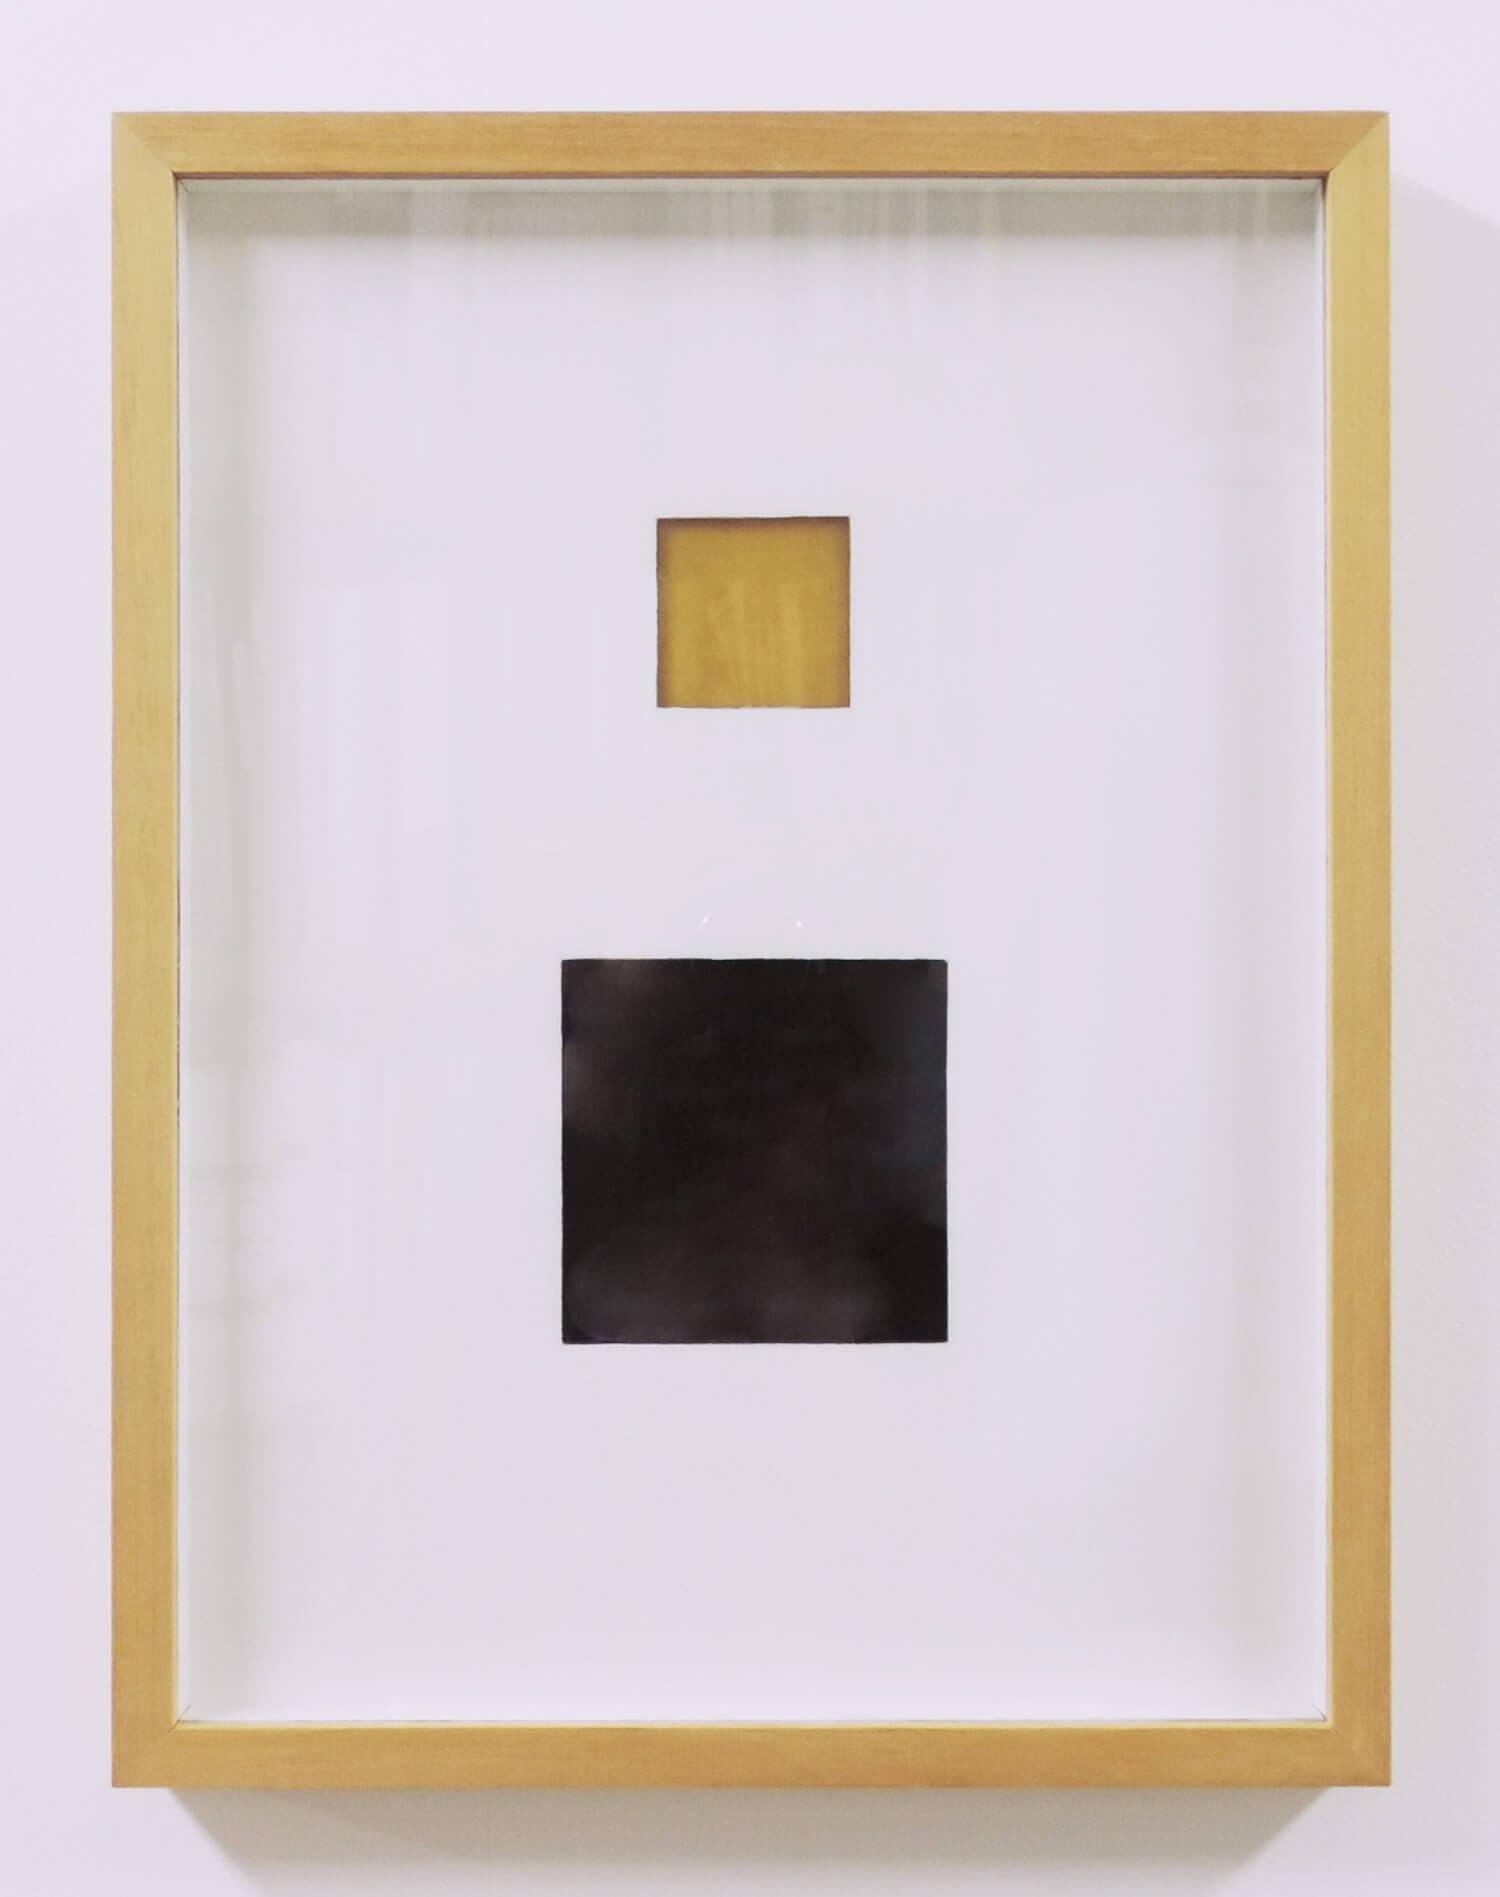 鈴木たかし<br>TS0323 / Rresin on paper, 30.8 x 24.7 cm, 2008